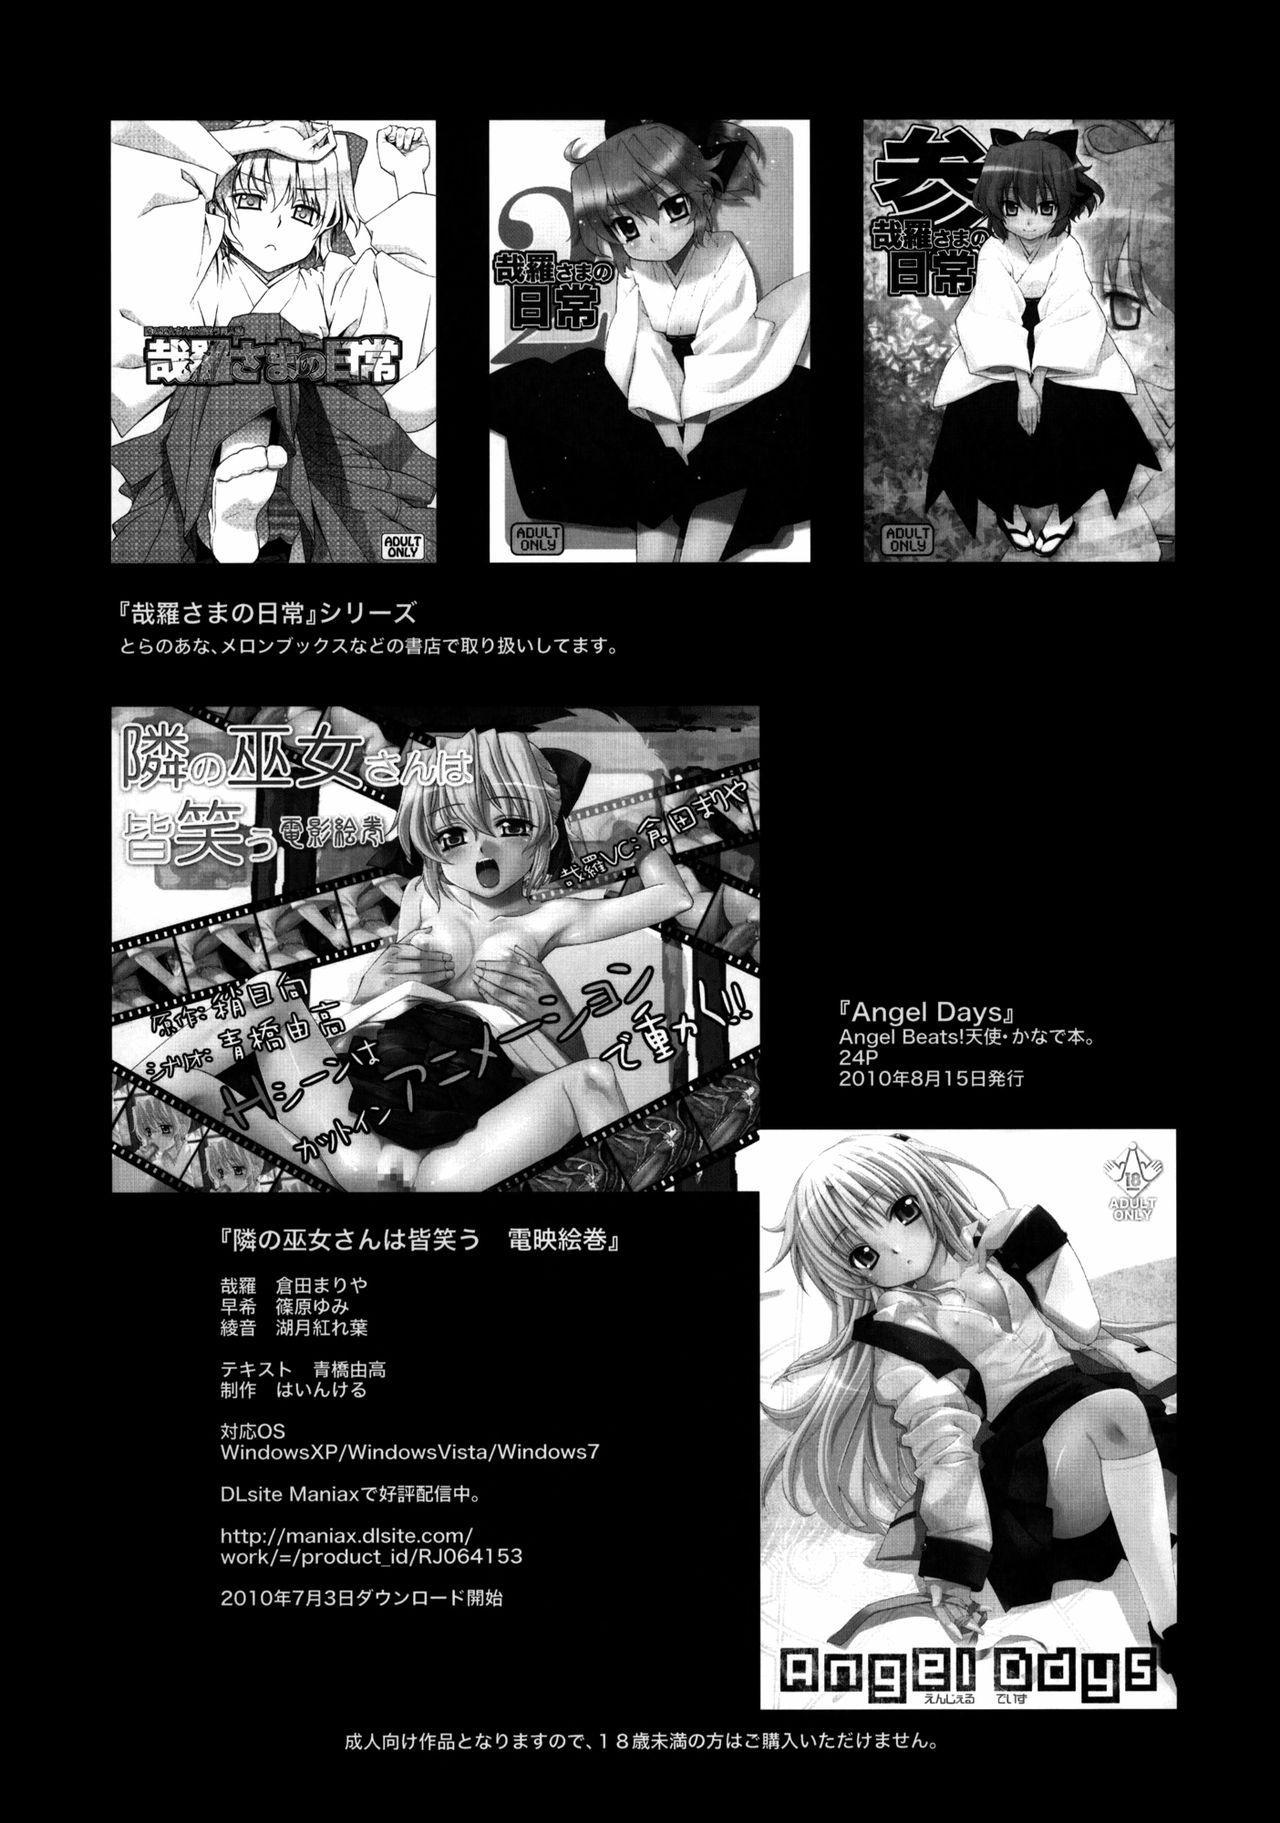 Kanara-sama no Nichijou Yon 23